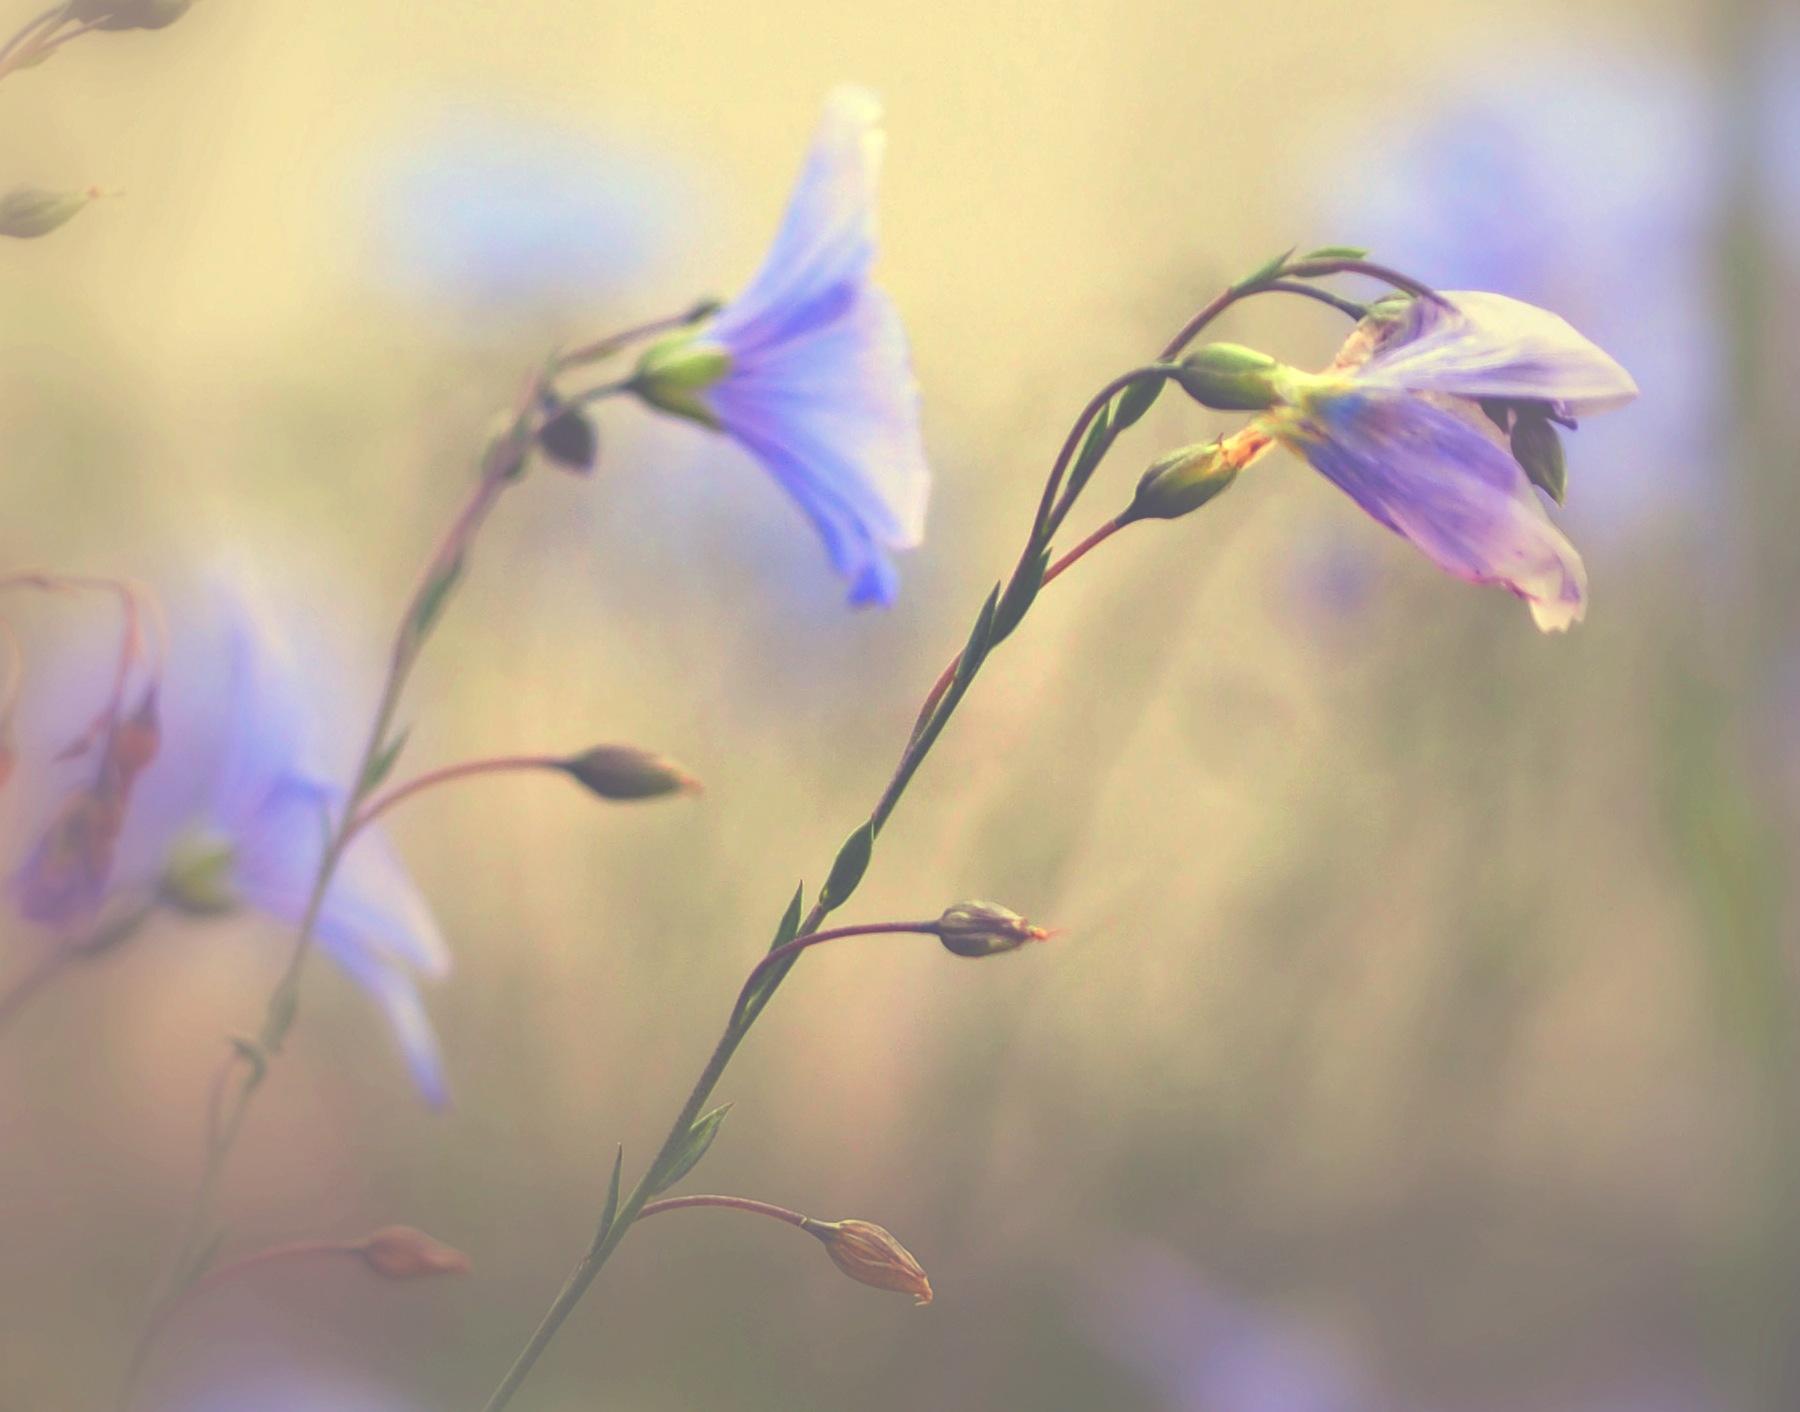 little wild flowers  by alain michel